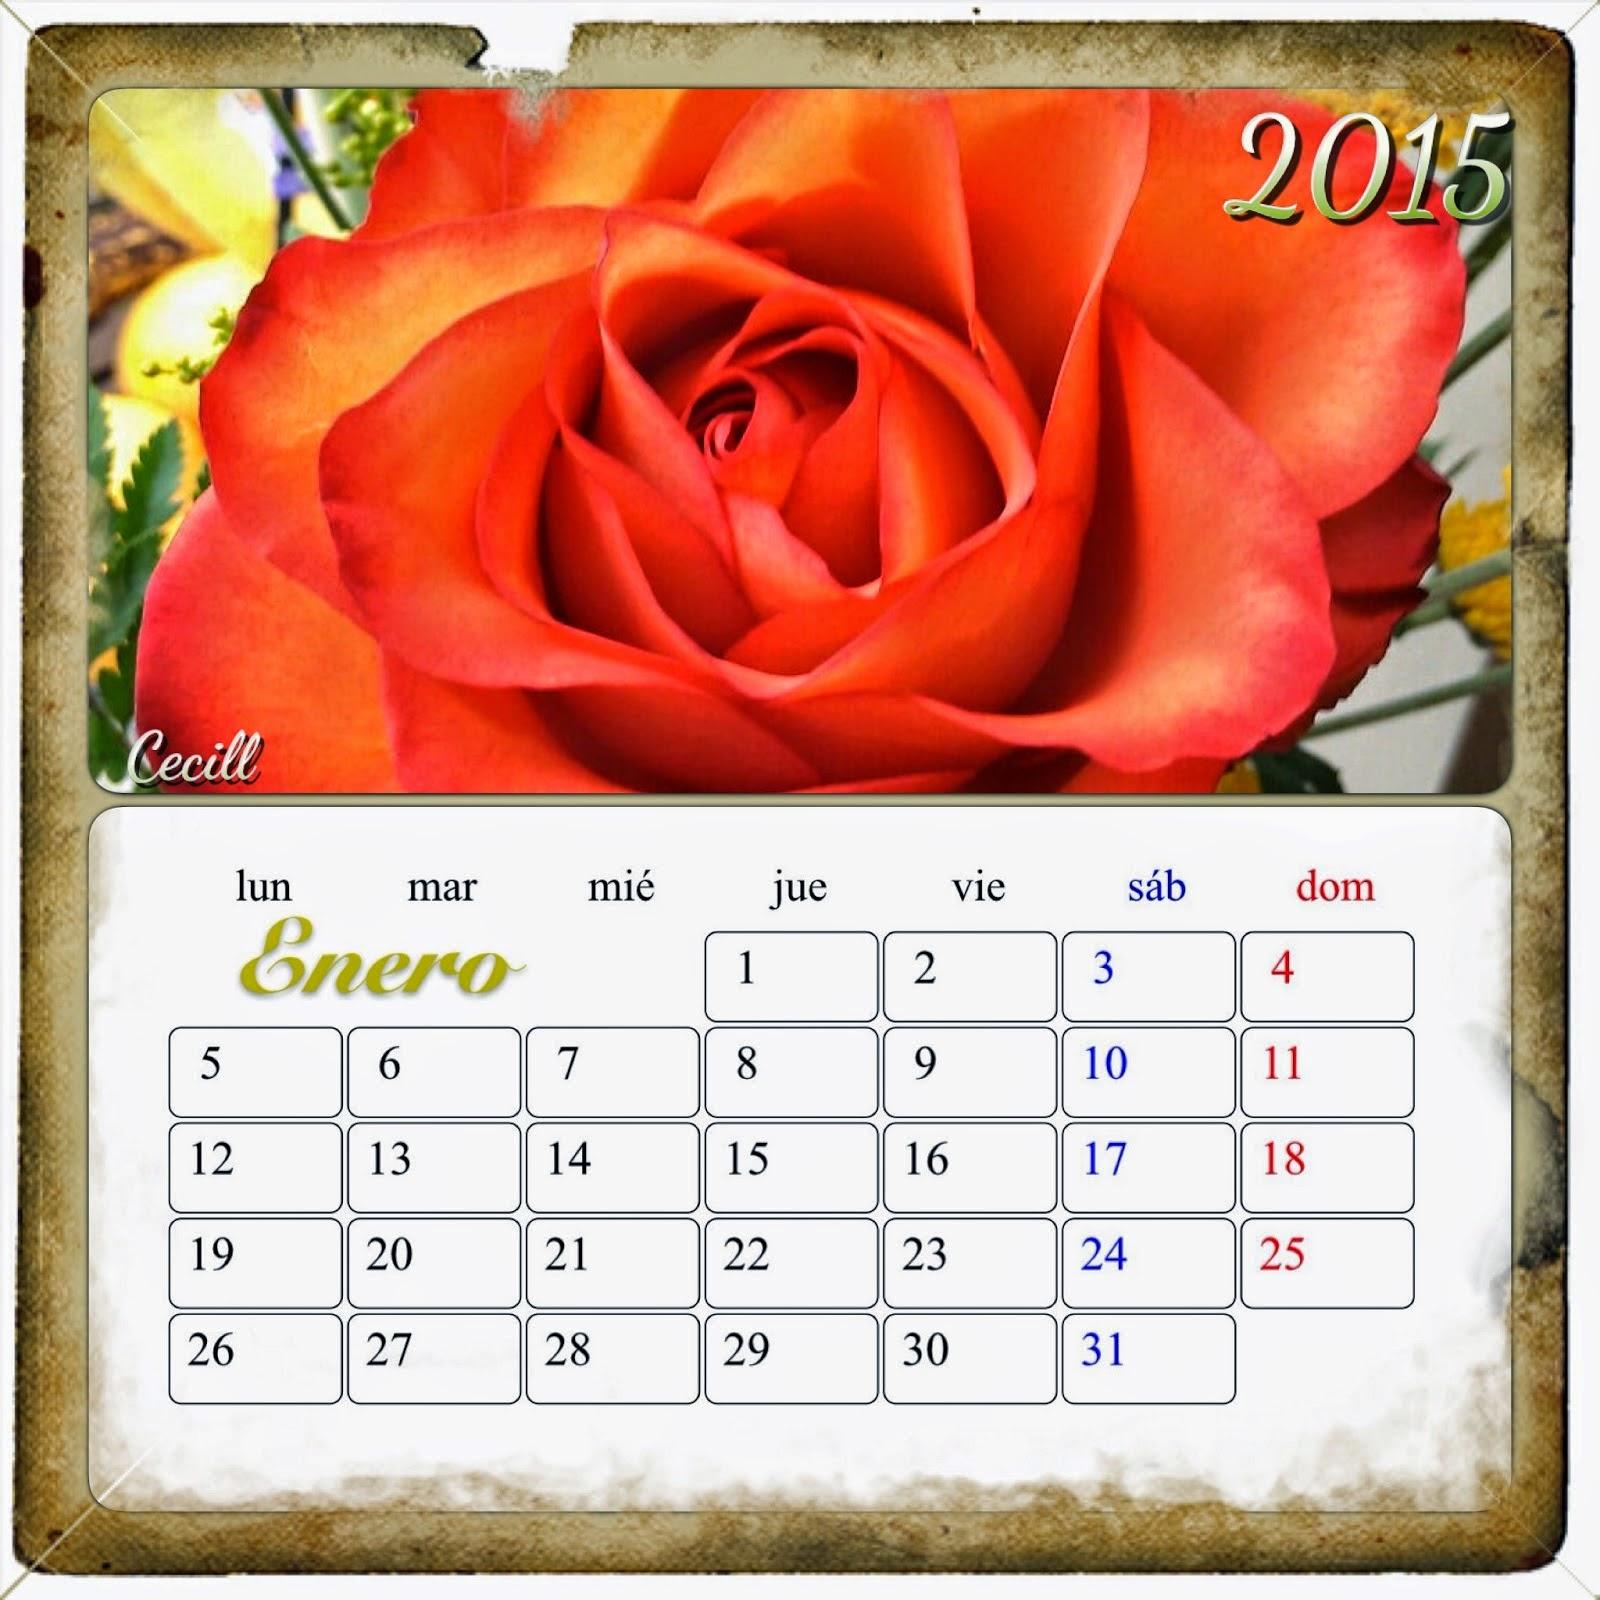 Imagenes De Calendarios 2015